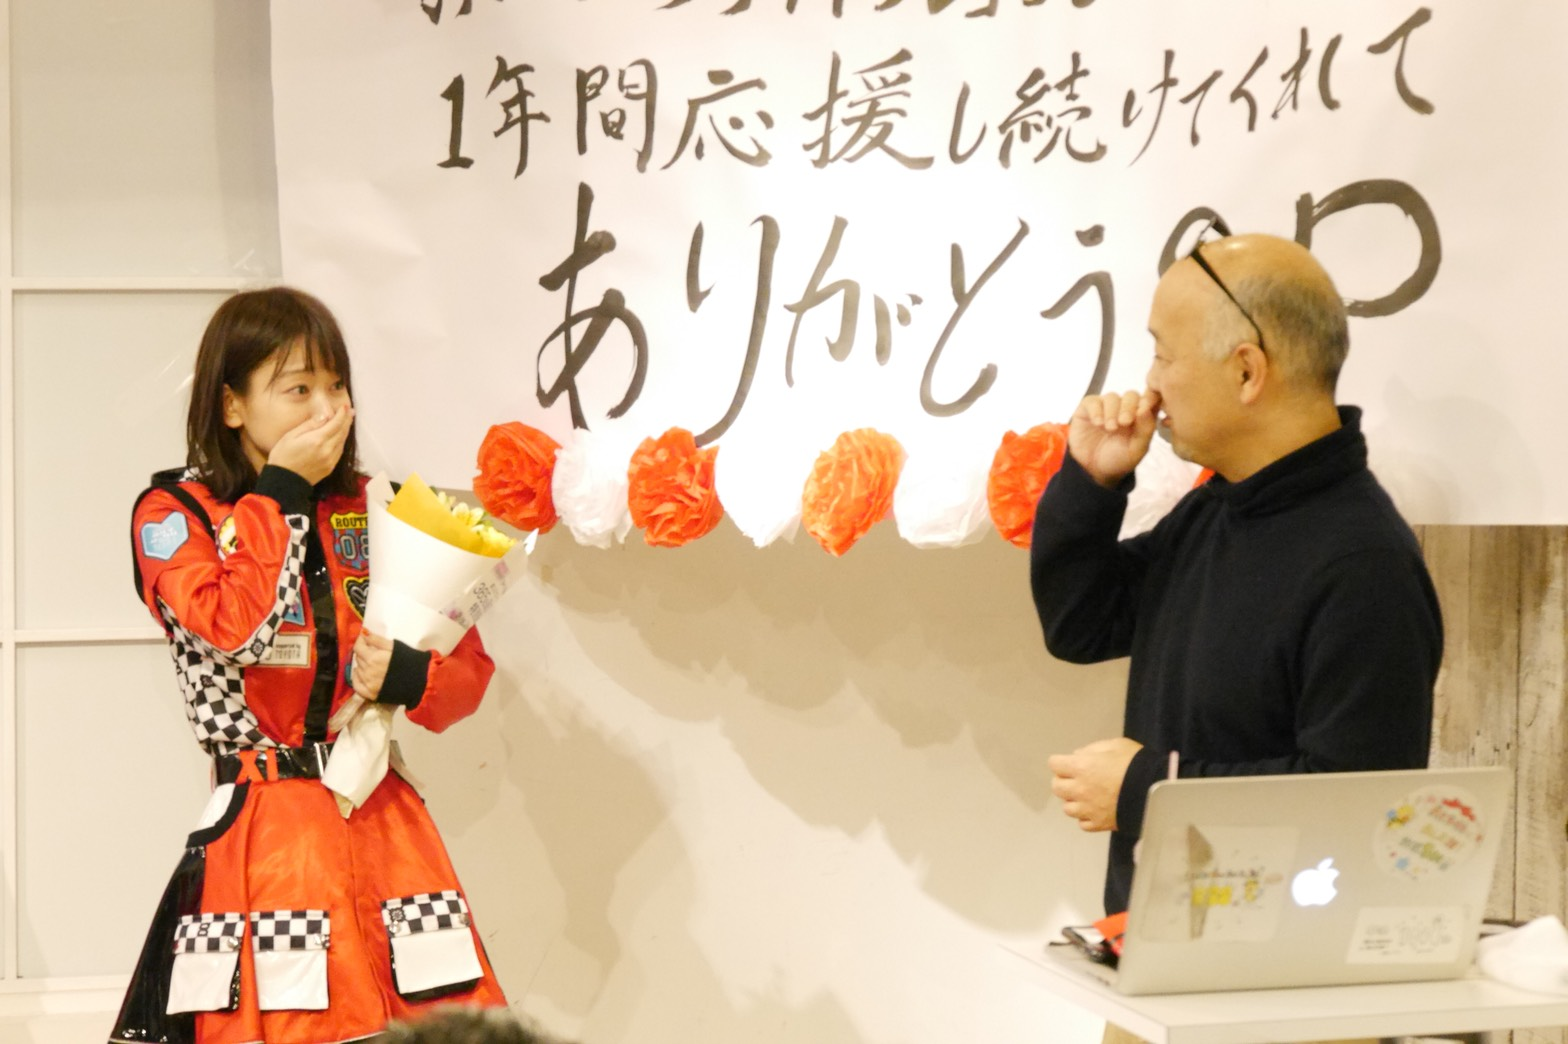 2018年2月8日に行われた「SHOWROOMまいにちアイドル365日達成記念特別配信」。特別配信の最後に青木氏がサプライズで登場し写真集が発表され、驚く太田奈緒